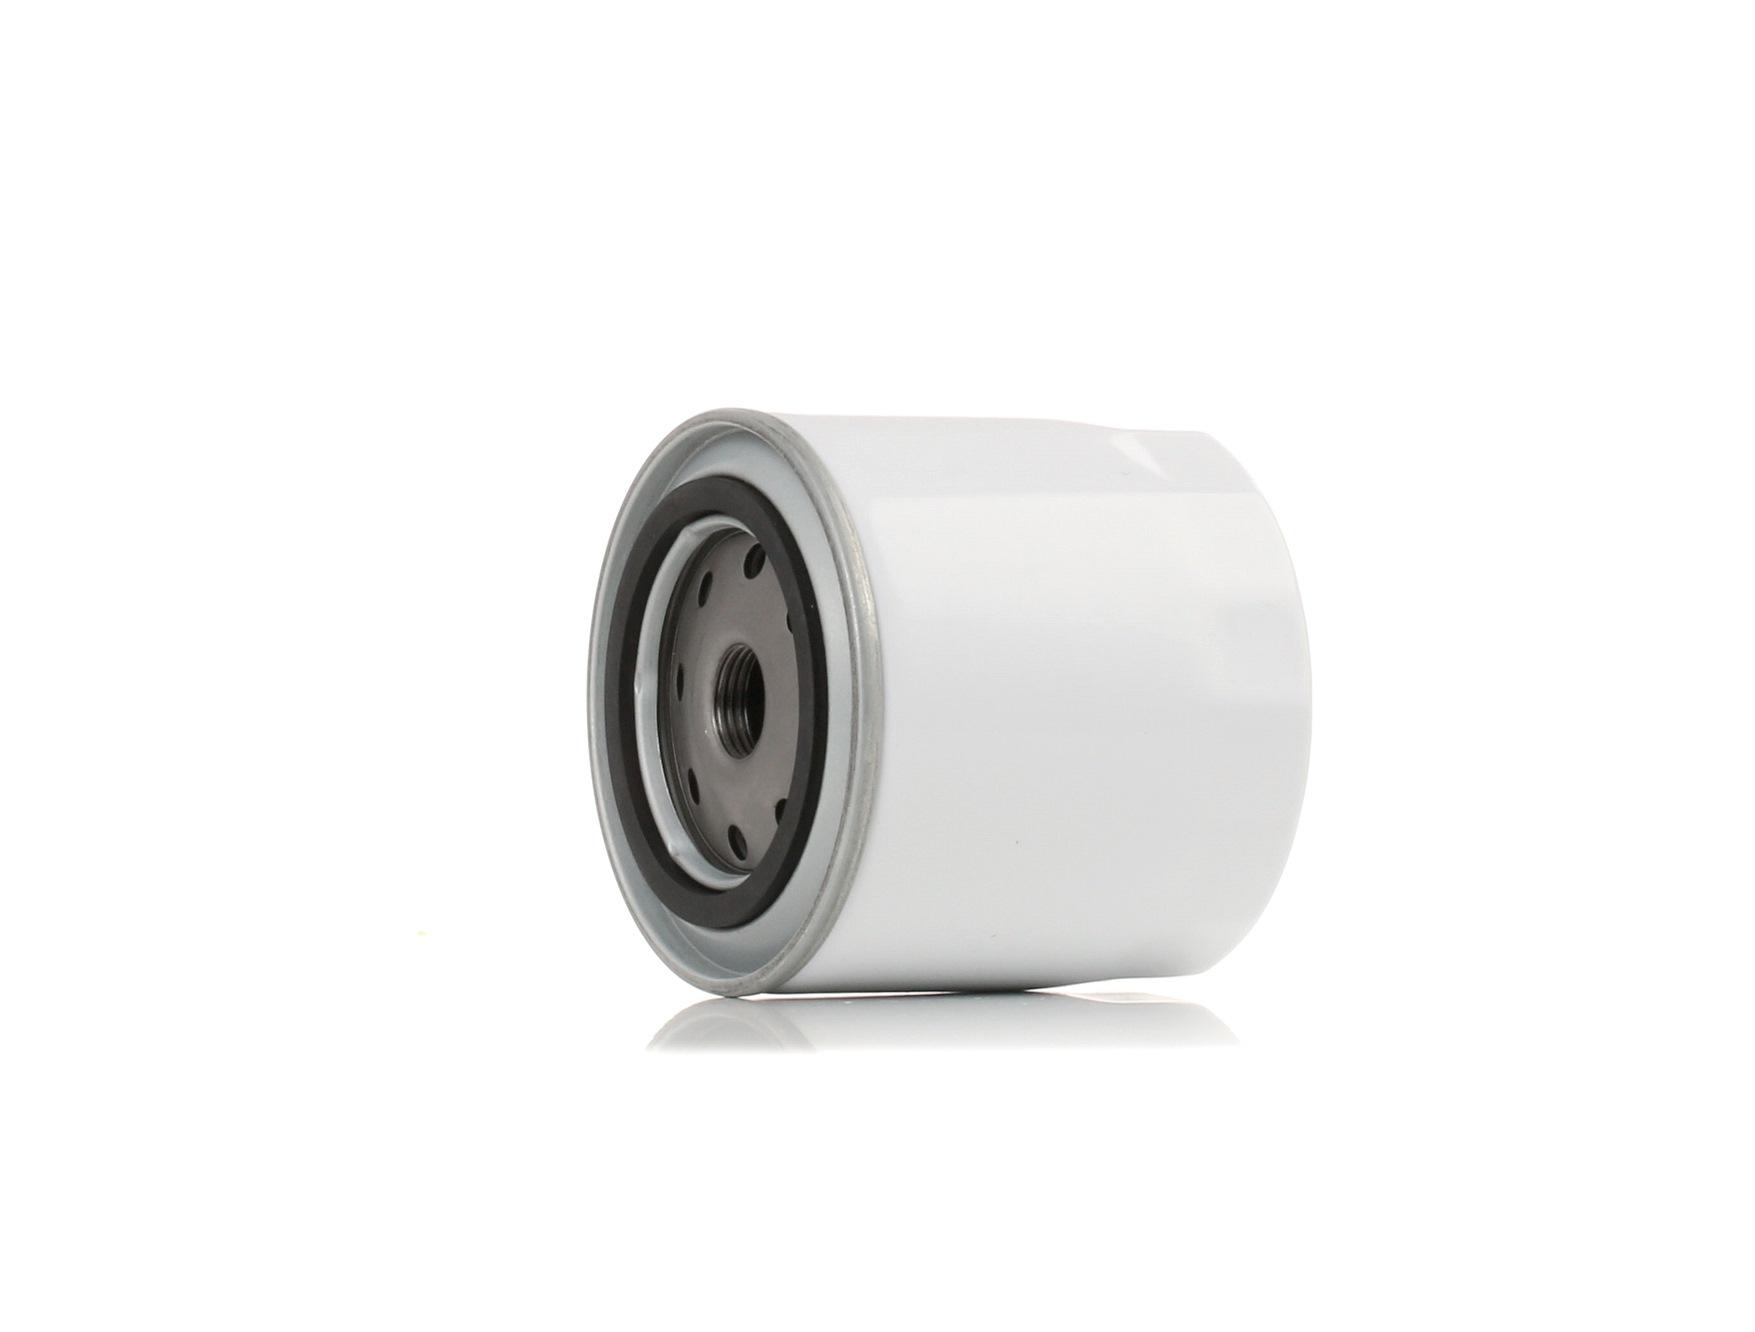 Achetez Filtre à huile STARK SKOF-0860150 (Ø: 86mm, Hauteur: 89mm) à un rapport qualité-prix exceptionnel